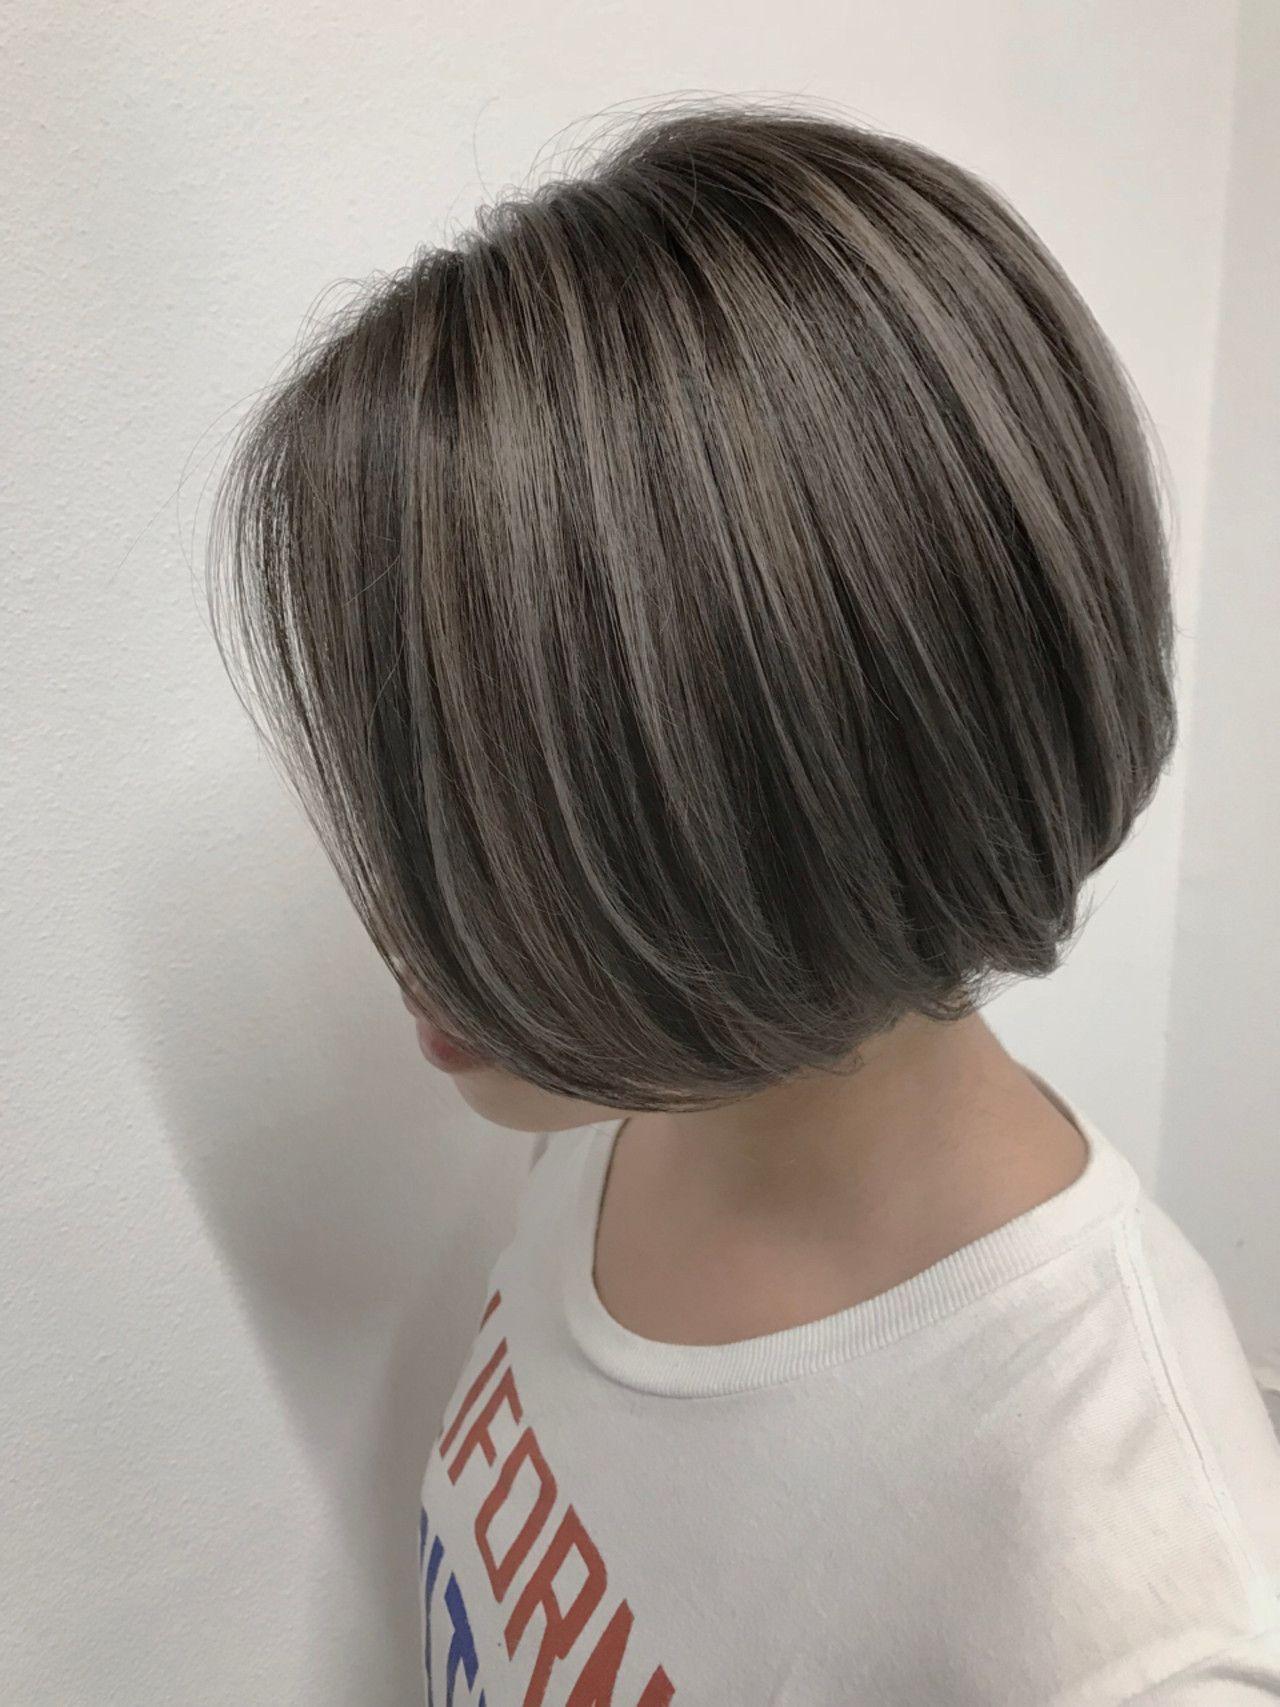 グレイヘア スタイル の新たな提案 白髪ヘア グレイヘア